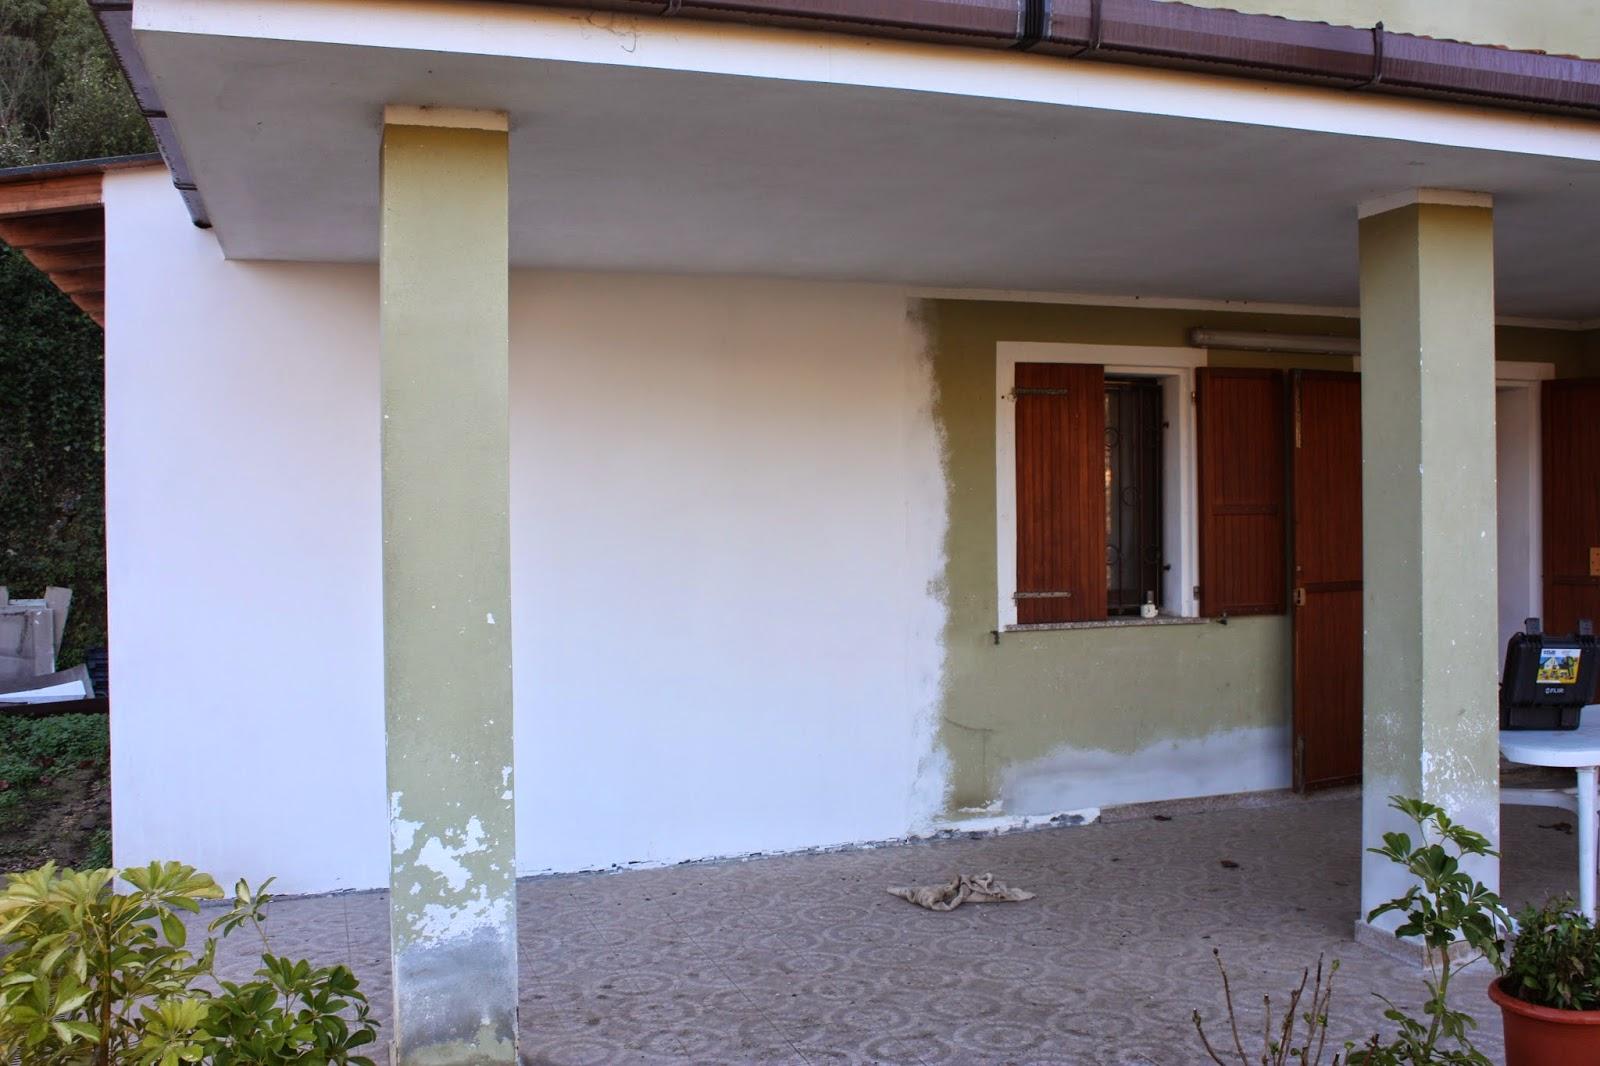 Classe a come eliminare muffa e condensa in casa - Eliminare condensa in casa ...